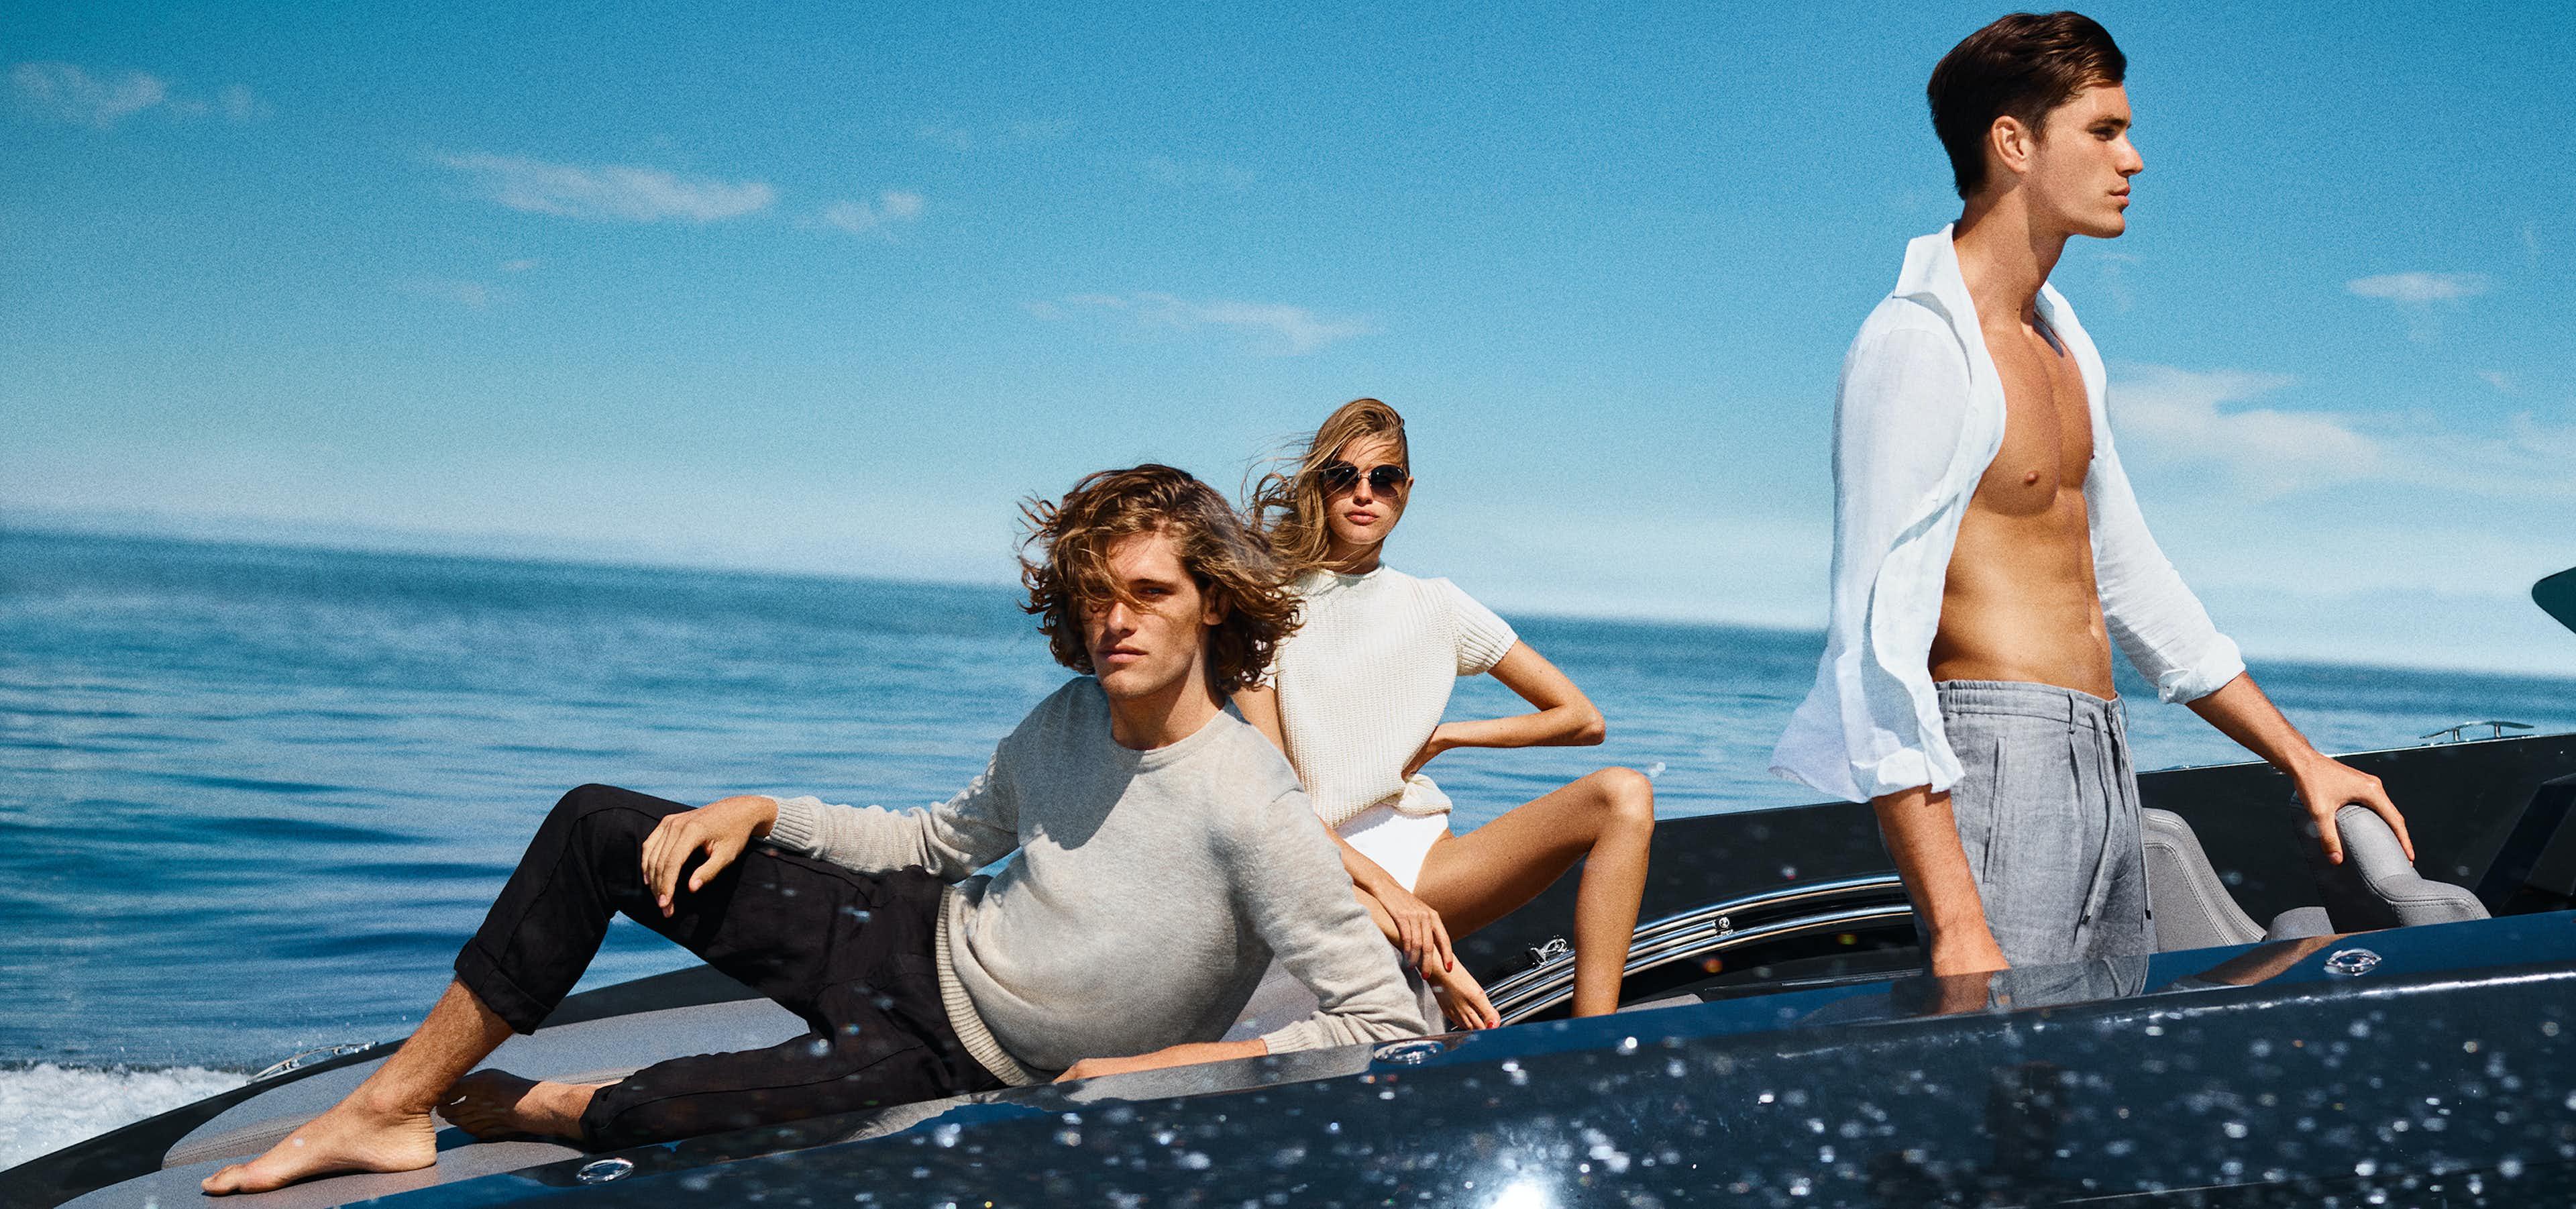 Drei Personen auf Boot in JOOP!